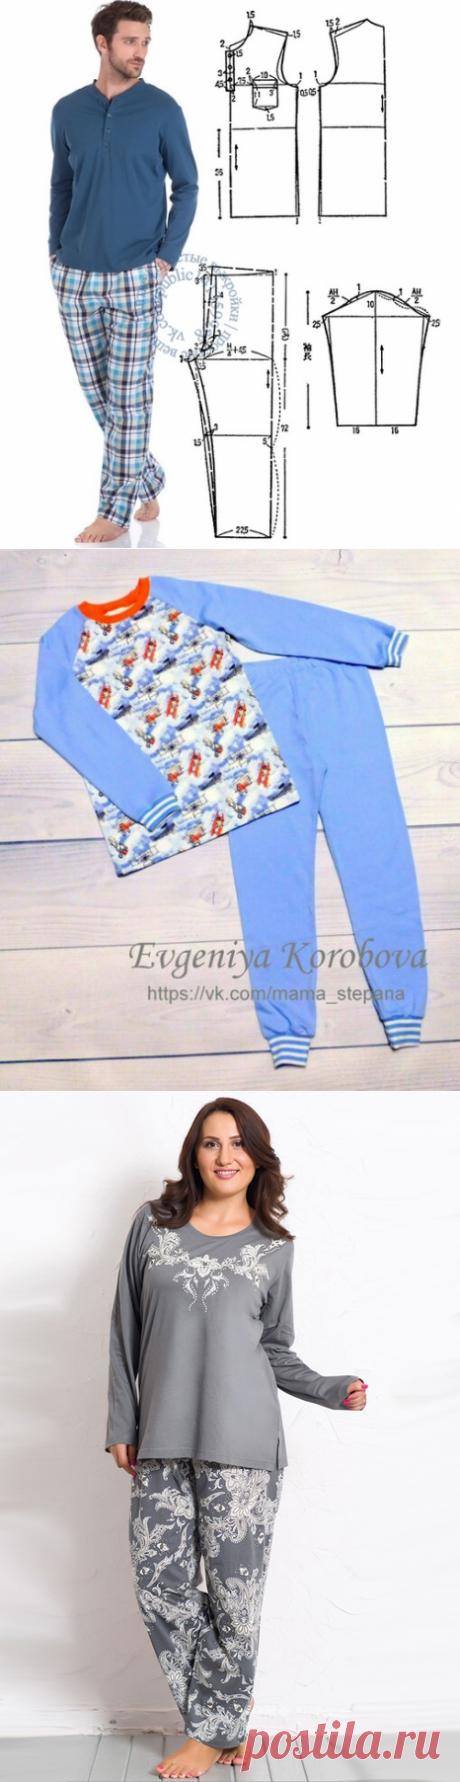 Поиск на Постиле: выкройка пижамы